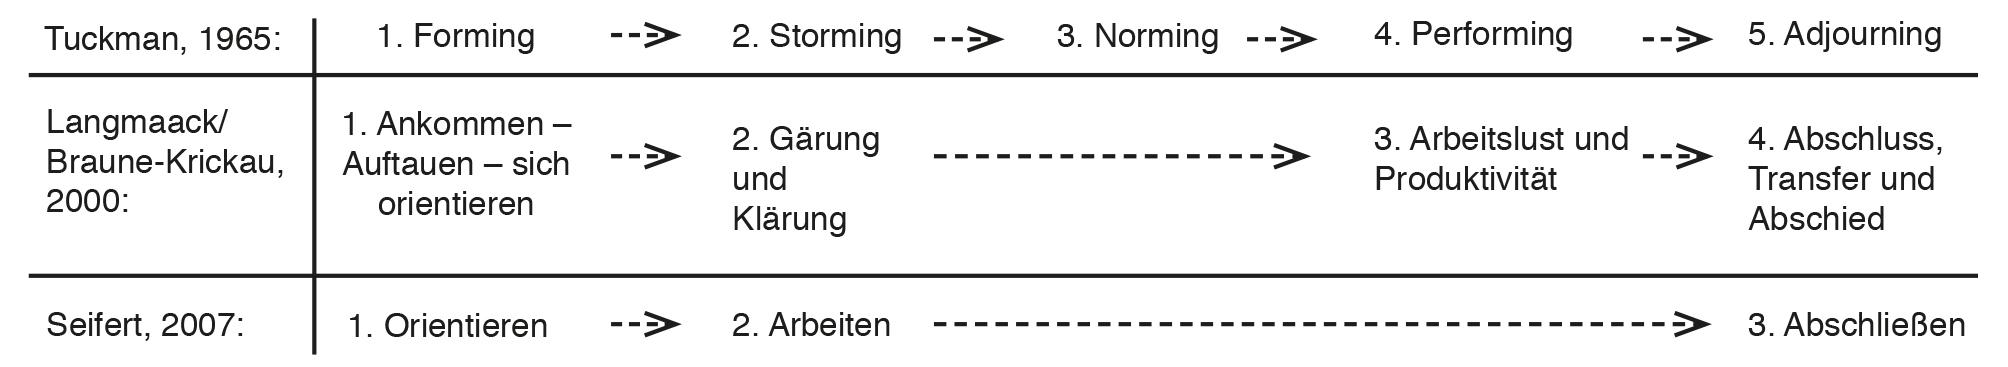 Vier-Phasen-Modell nach Tuckman